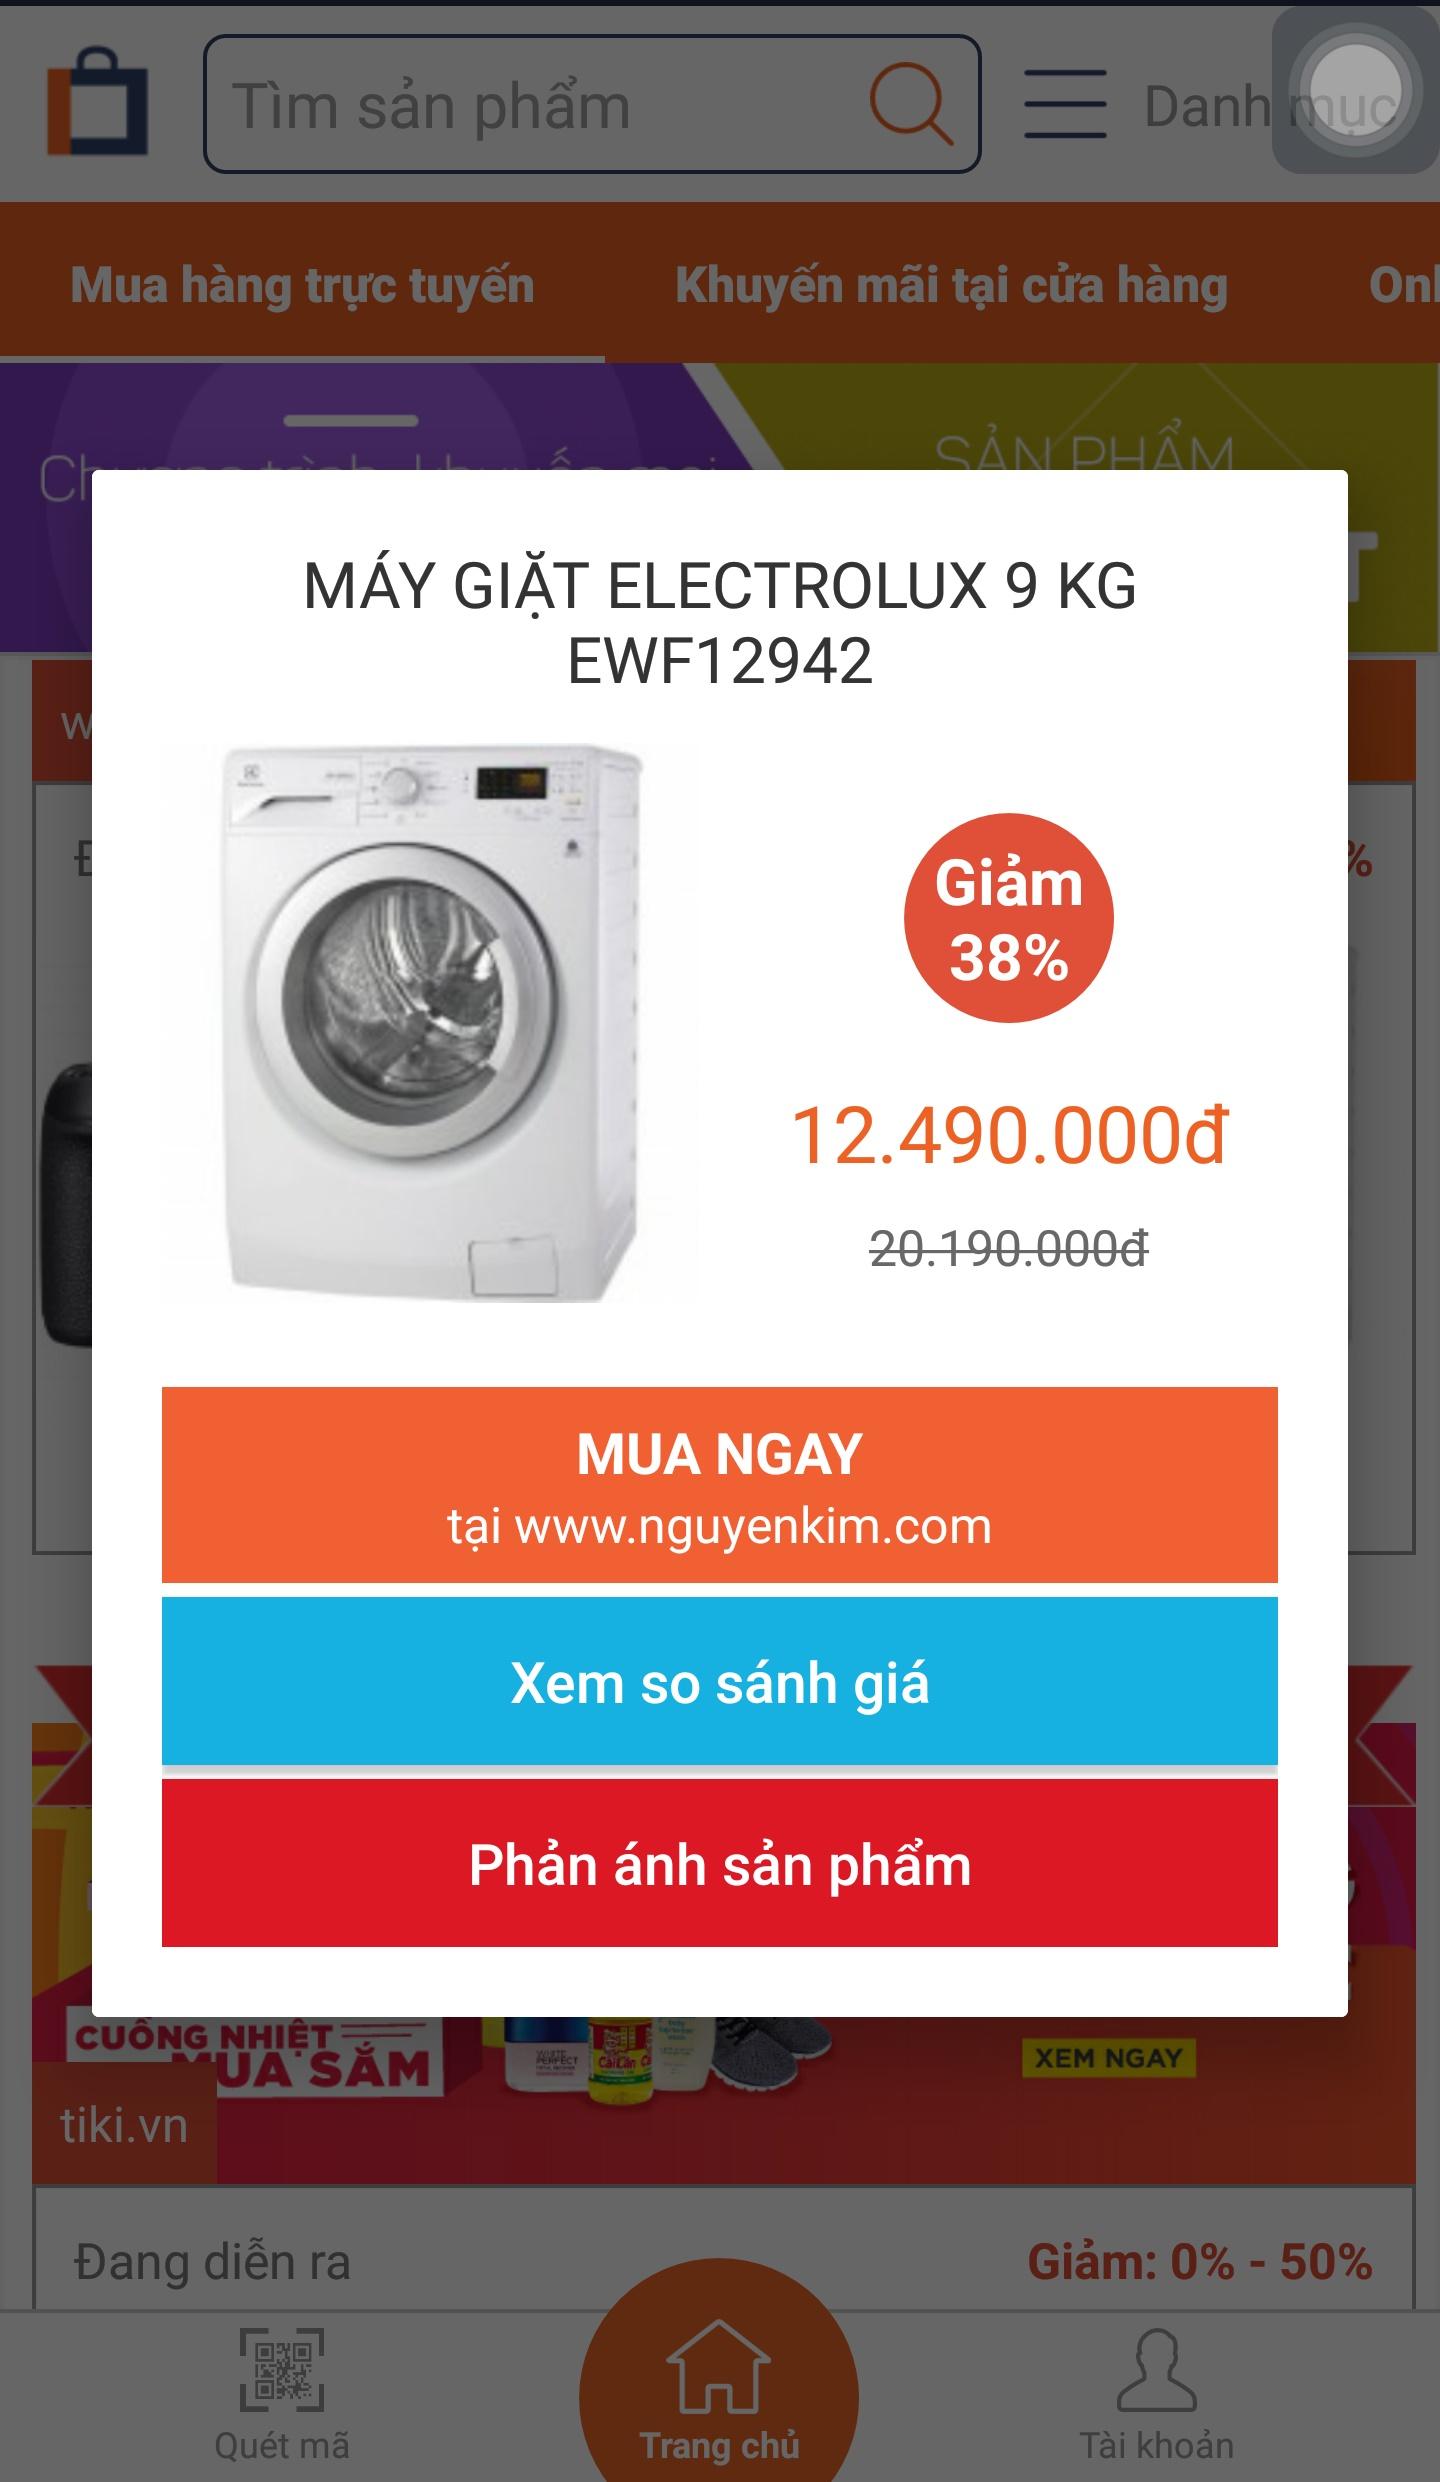 Chiếc máy giặt khuyến mãi ảo của Nguyễn Kim xuất hiện trên trang web của Online Friday khiến khách hàng bức xúc. Ảnh chụp màn hình.